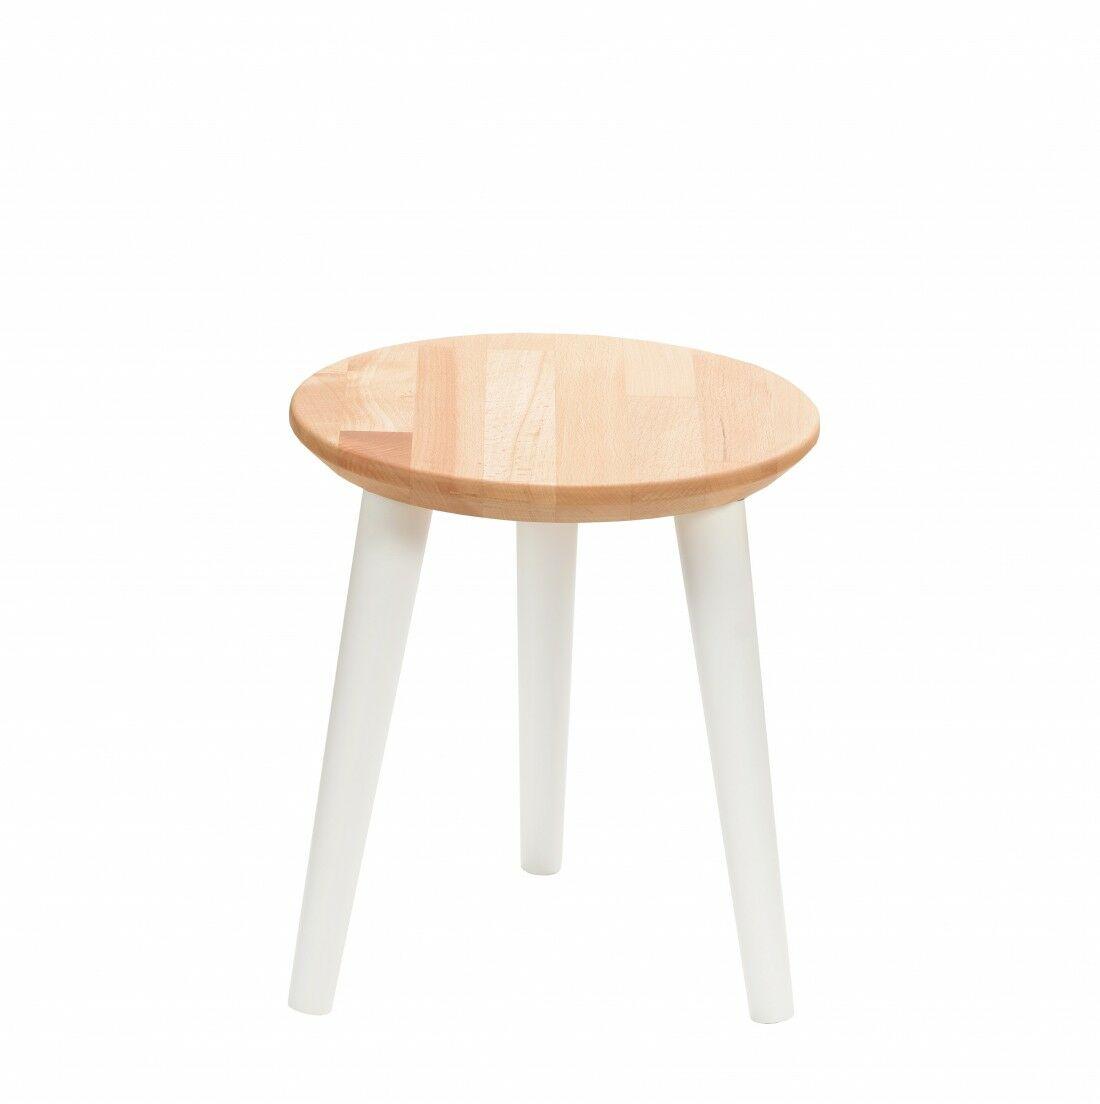 Taboret drewniany okrągły z litego buka Olejowany buk - Natural, Wykończenie nogi - Biały, Wysokość - 340, Wymiar siedziska (Średnica) - 300